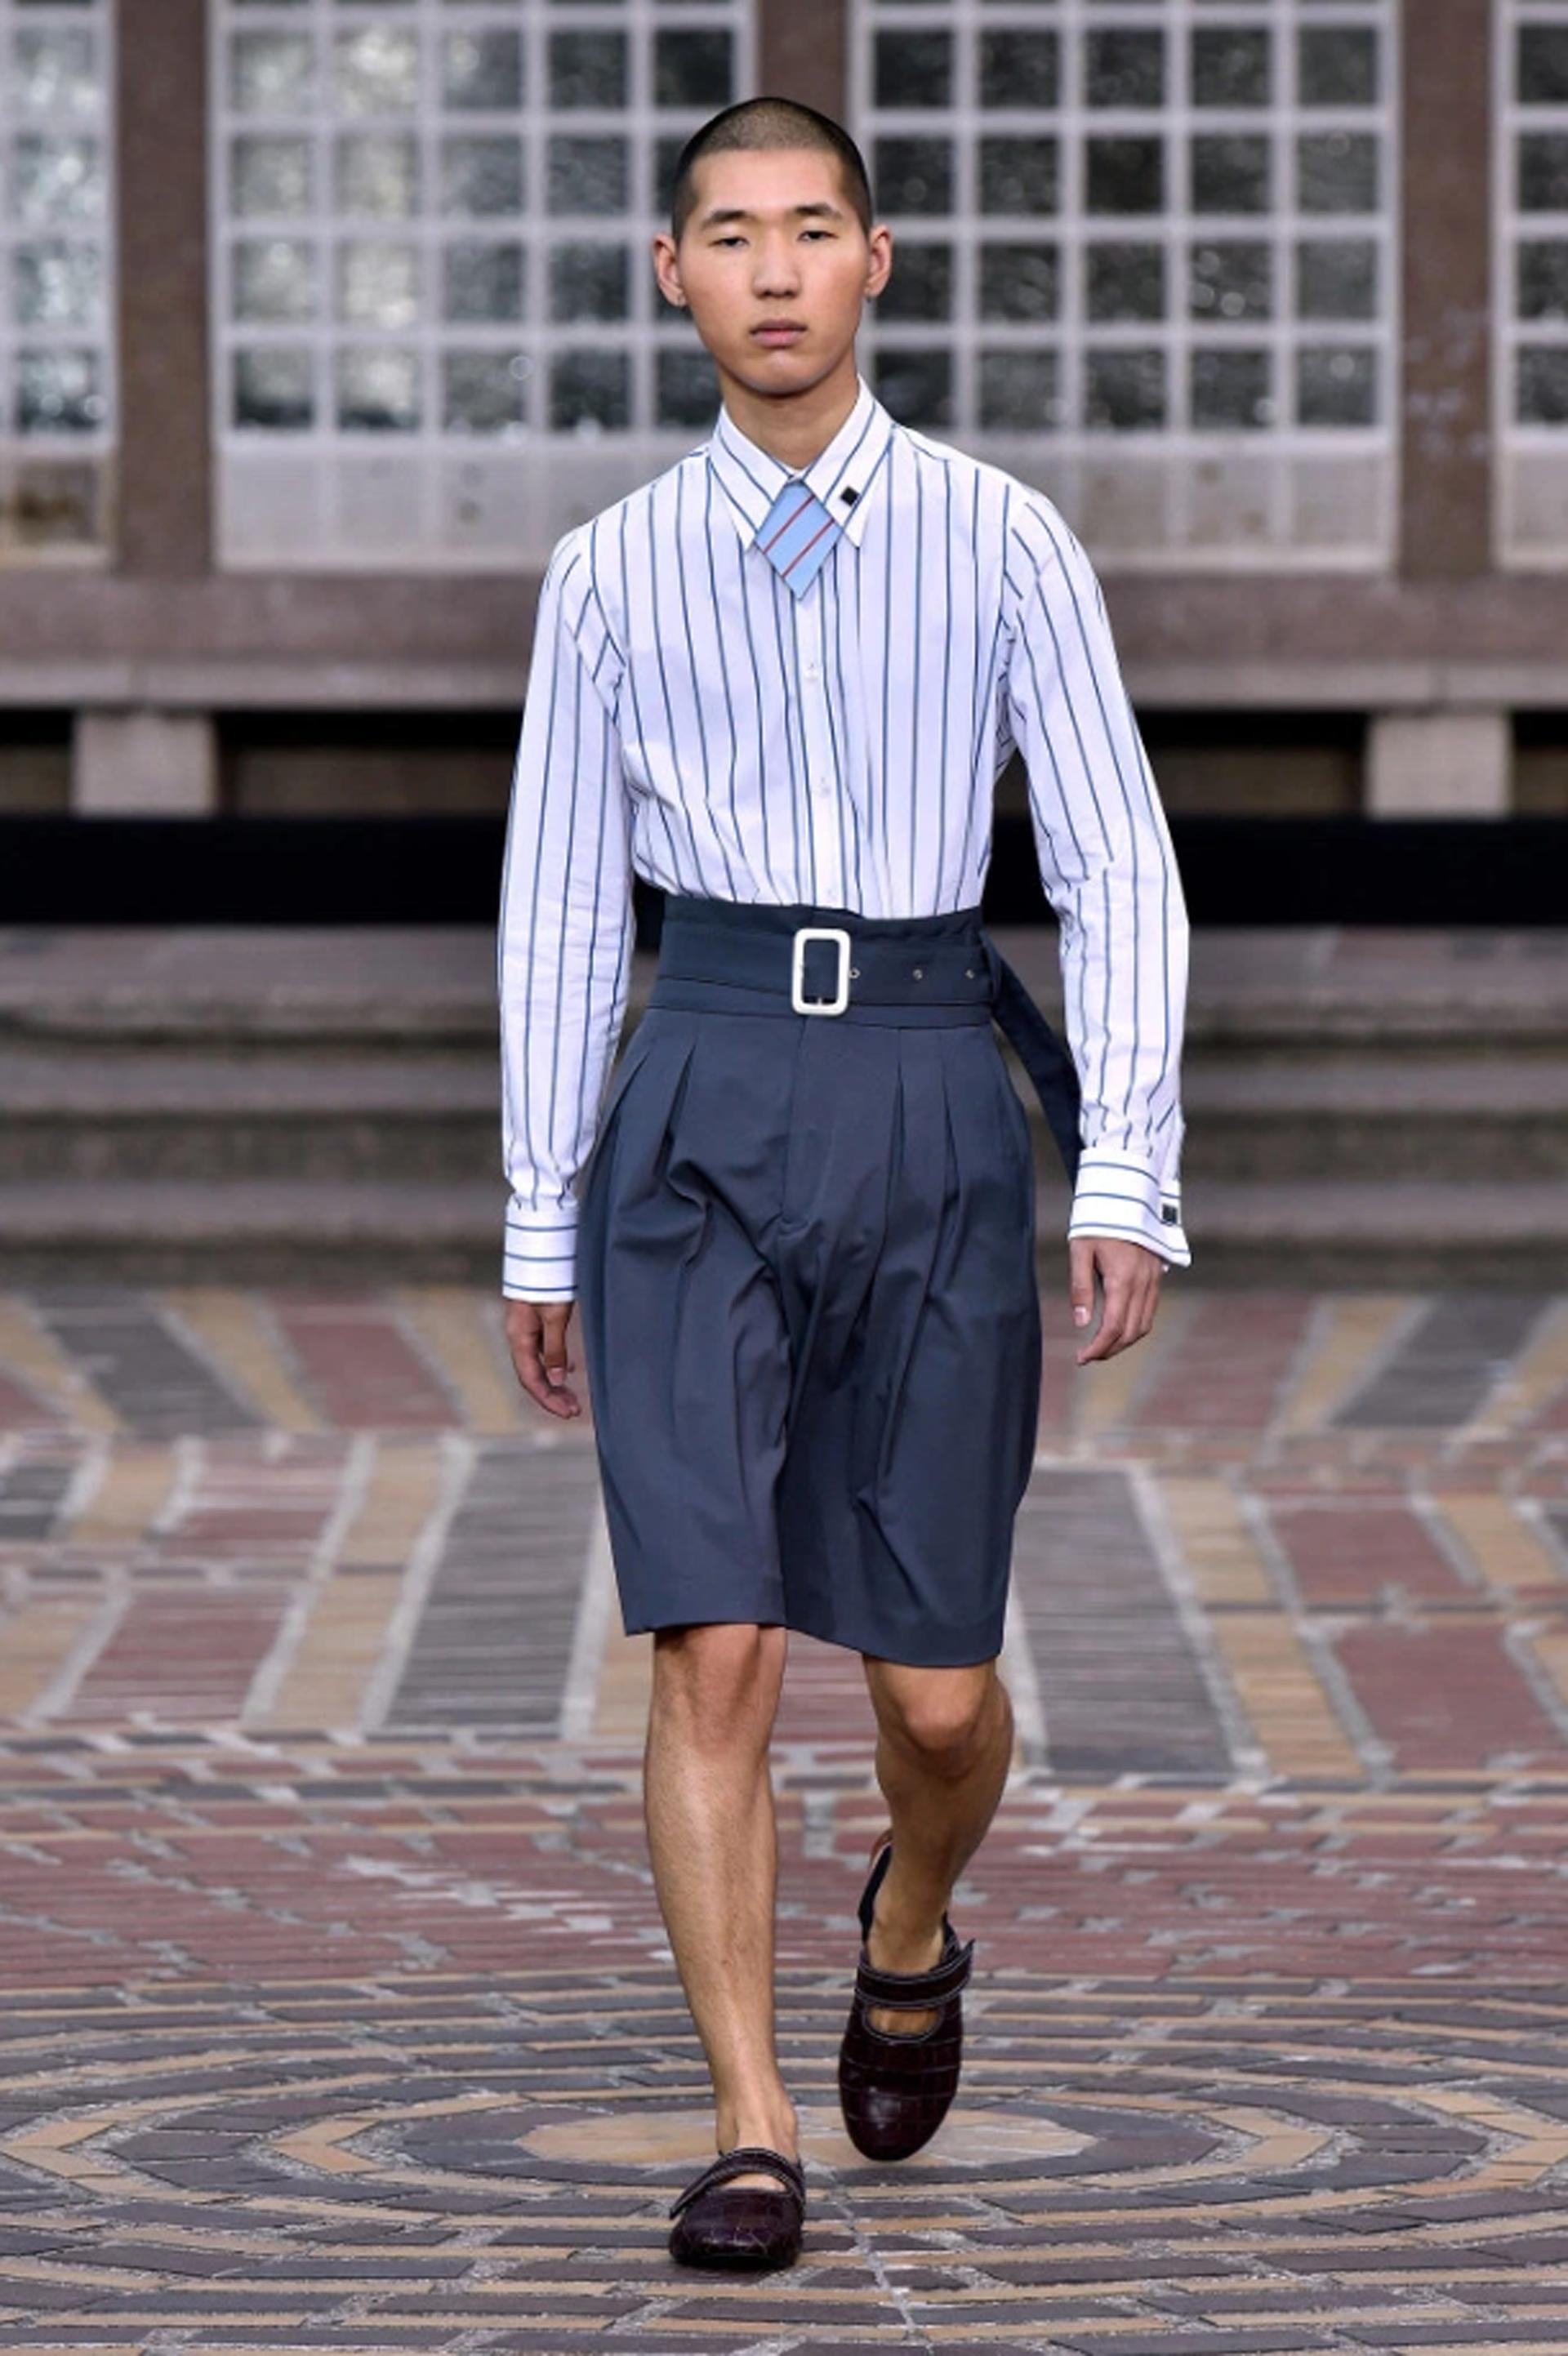 Más sastrería, una clásica camisa de la marca rayada con gemelos en los puños, combinando con bermudas sastreras y una faja con una hebilla XL